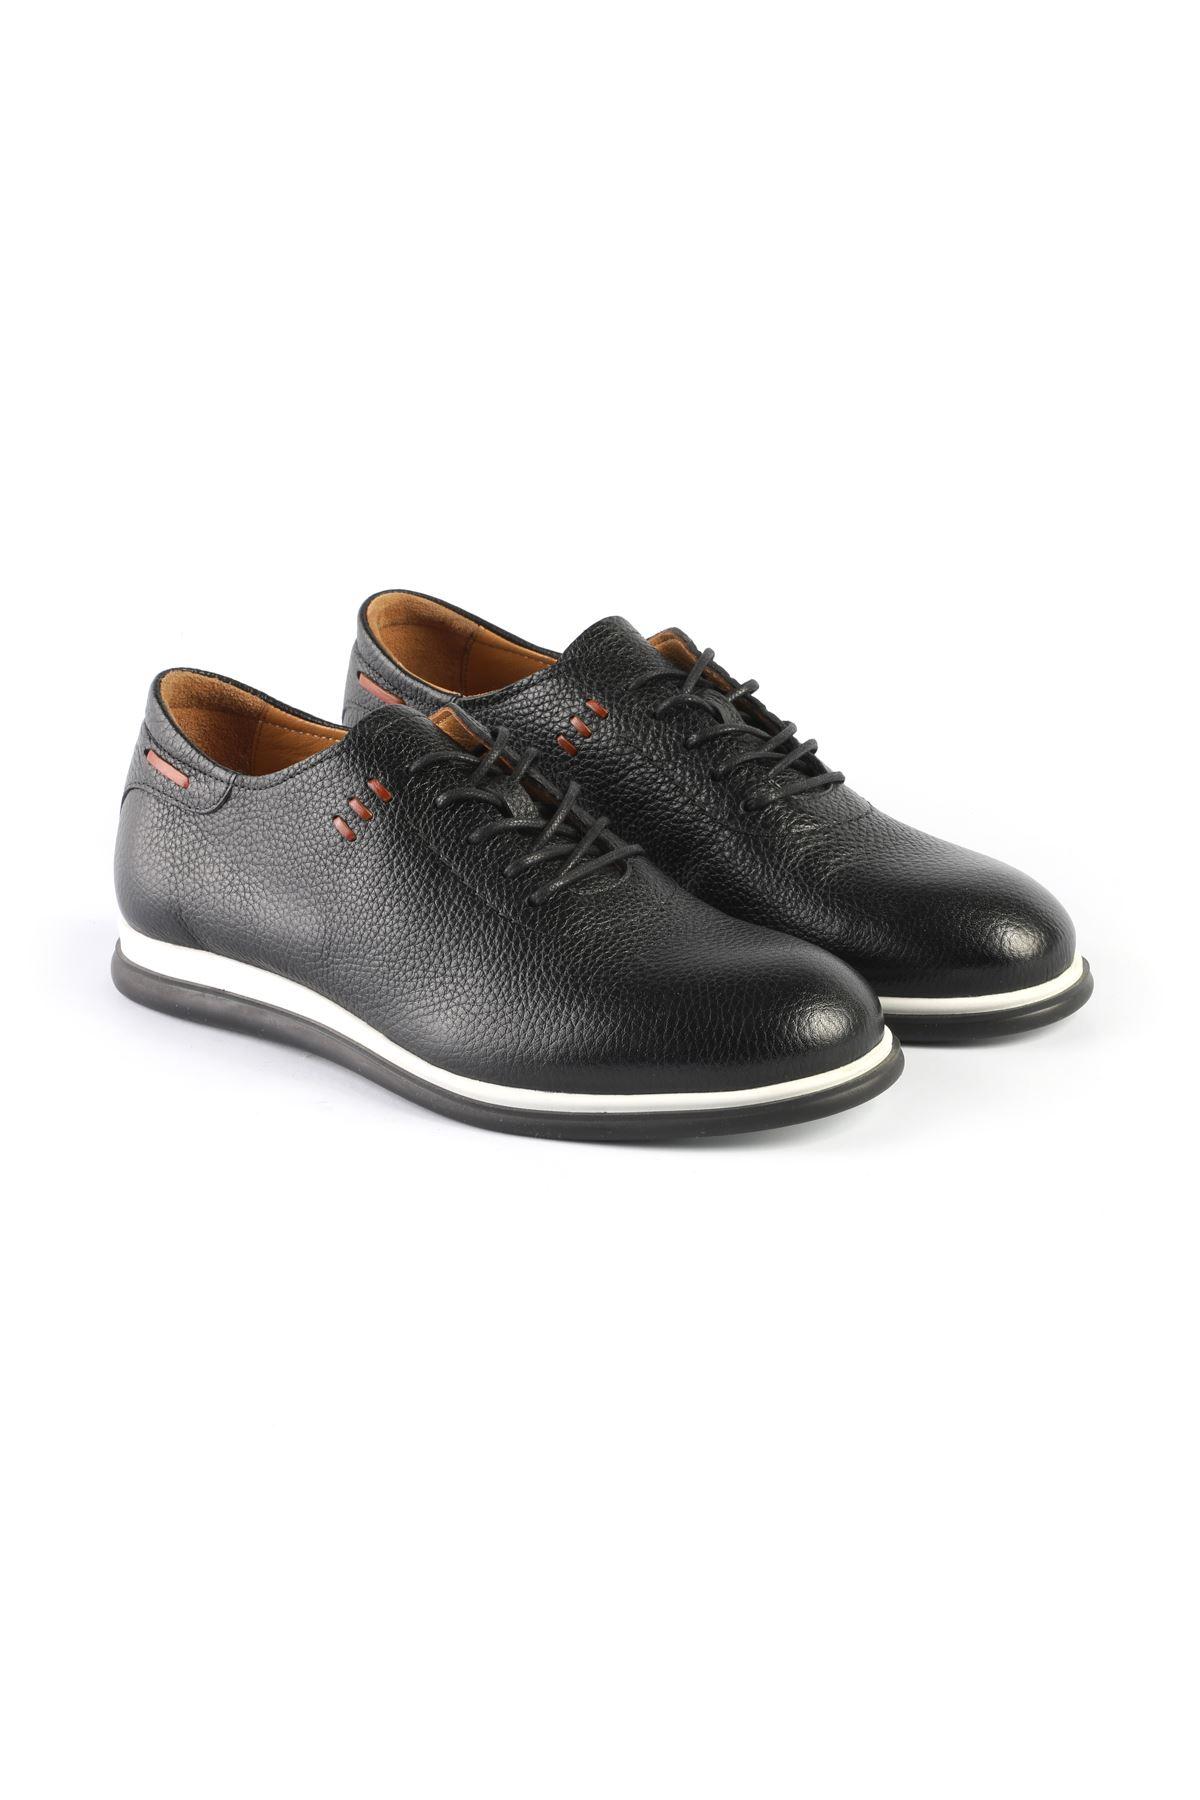 Libero L3276 Black Casual Shoes